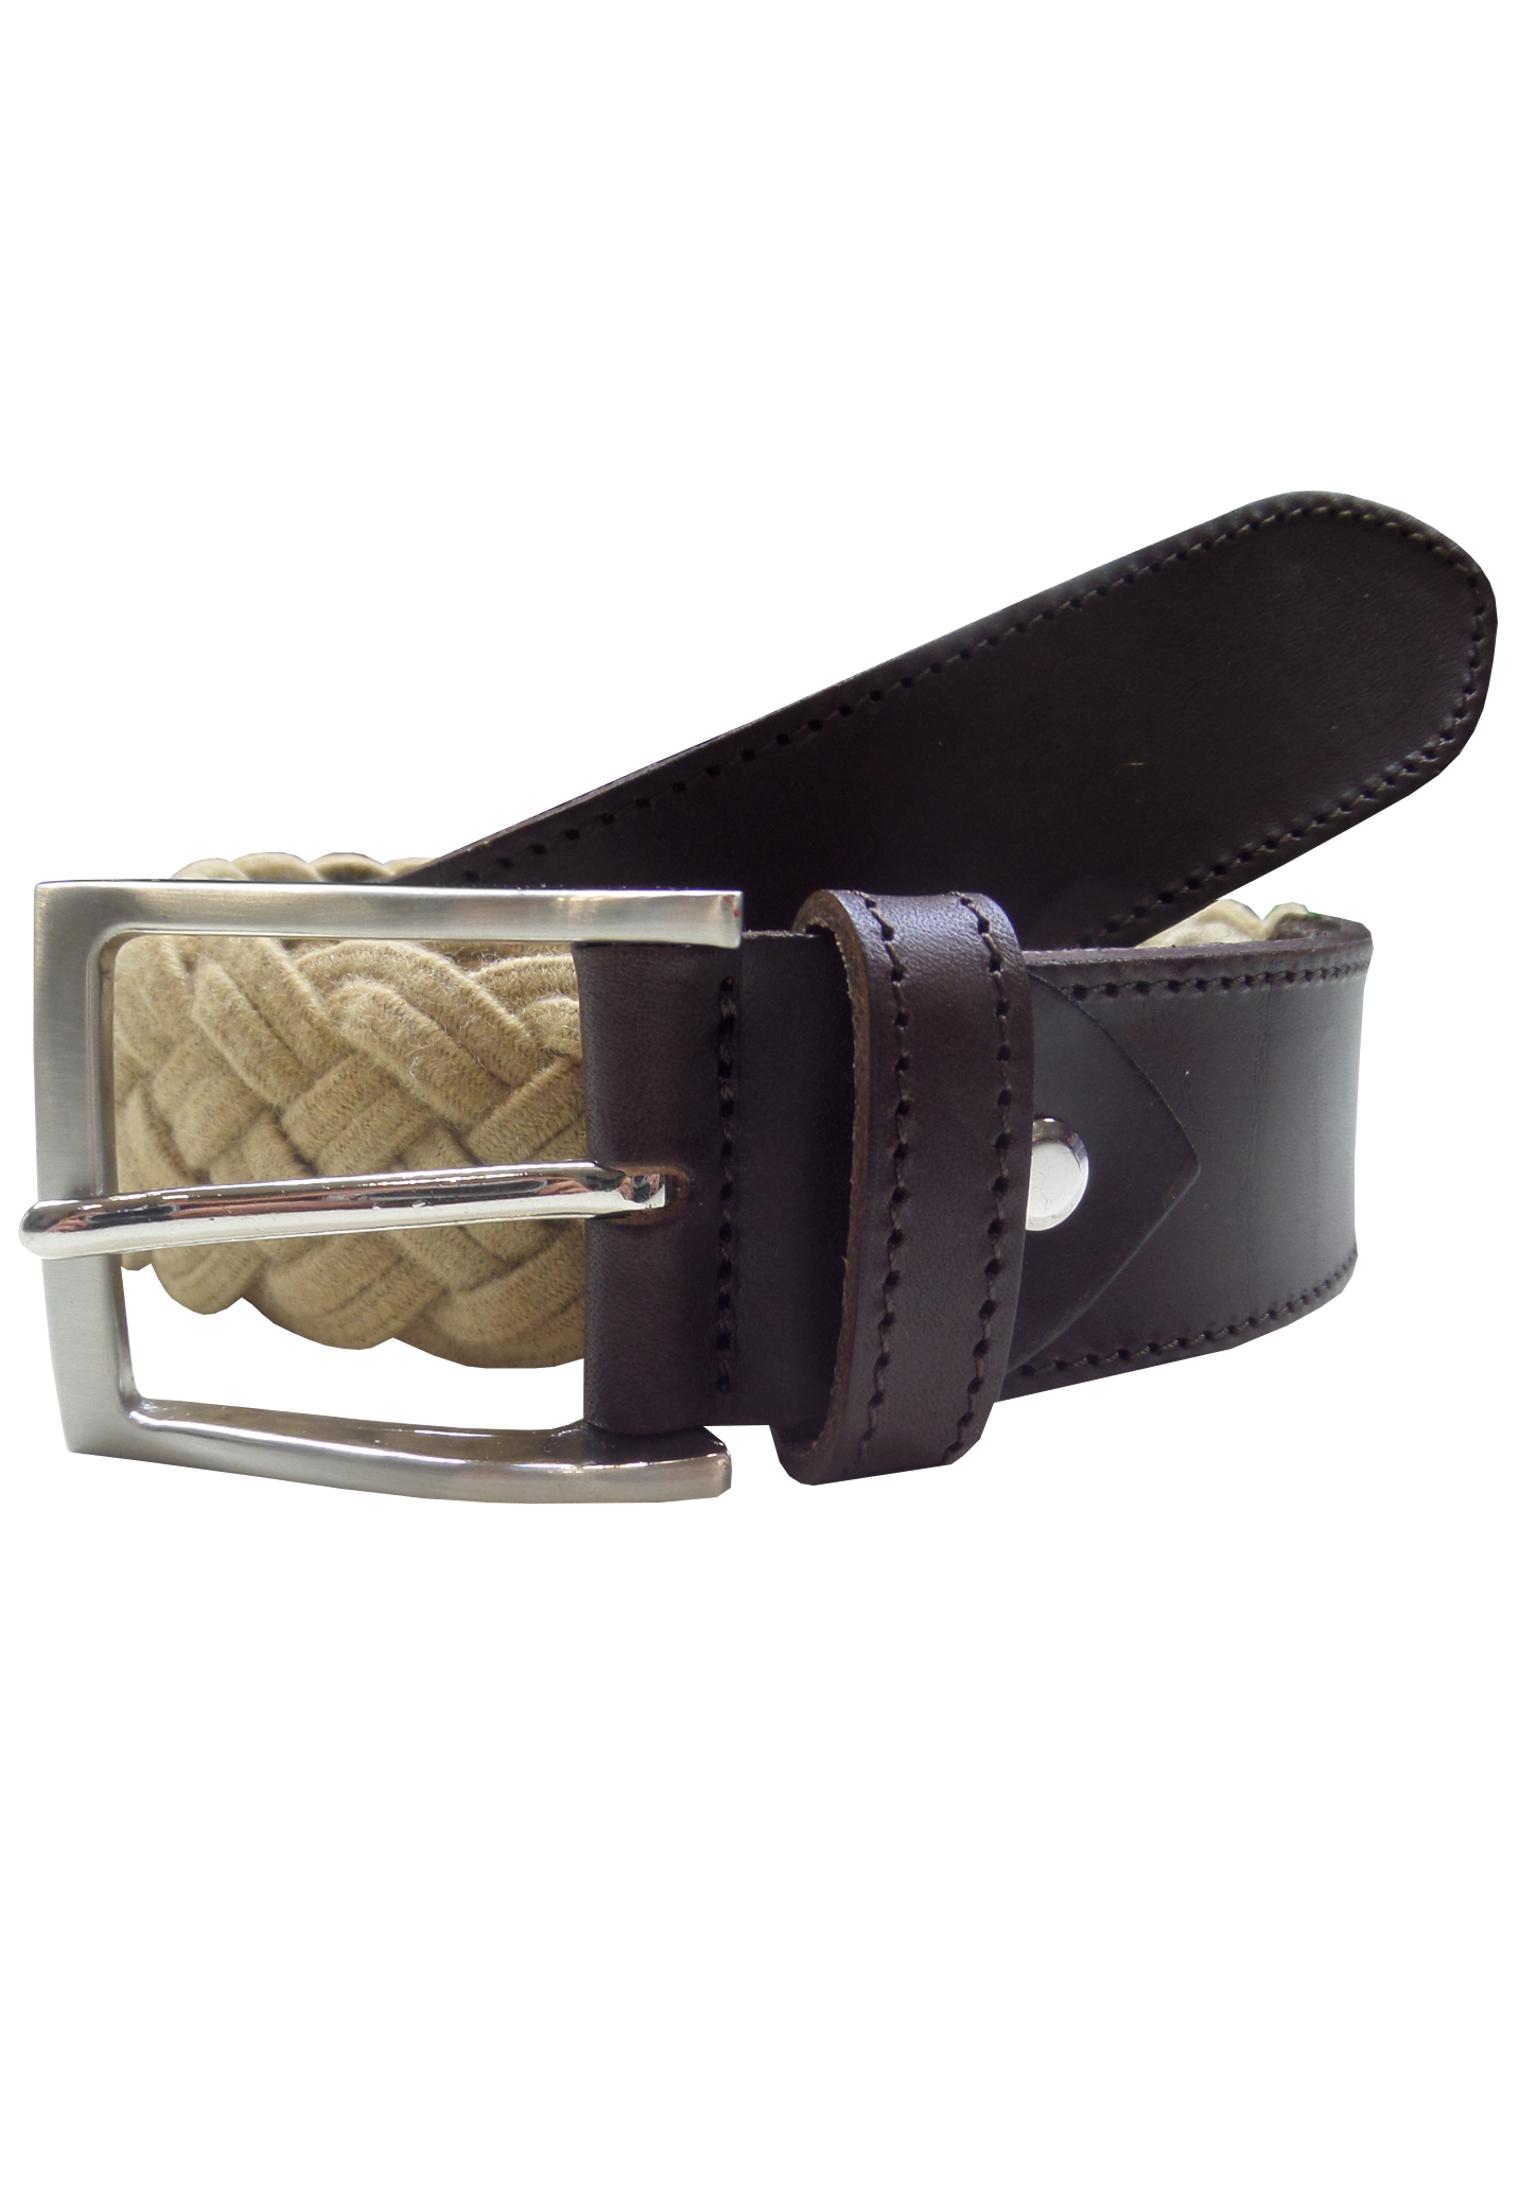 Elastische gevlochten riem van Maxfort, voorzien van een vierkante zilveren gesp en aan het begin en eind voorzien van een stuk leer. Breedte van de riem: 3,5 cm.